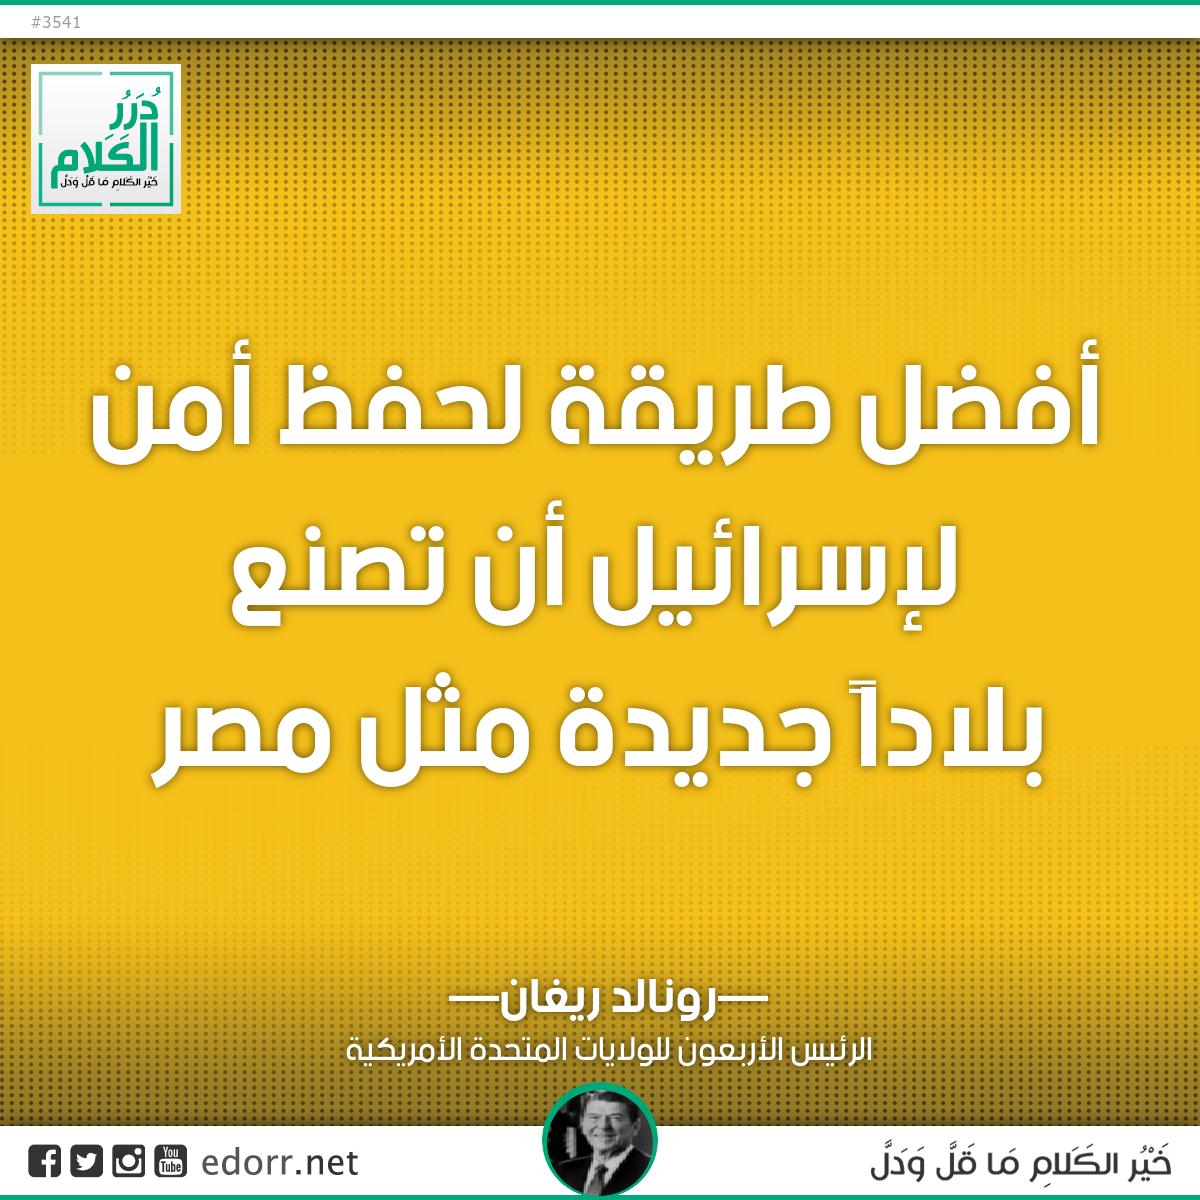 أفضل طريقة لحفظ أمن لإسرائيل أن تصنع بلاداً جديدة مثل مصر.